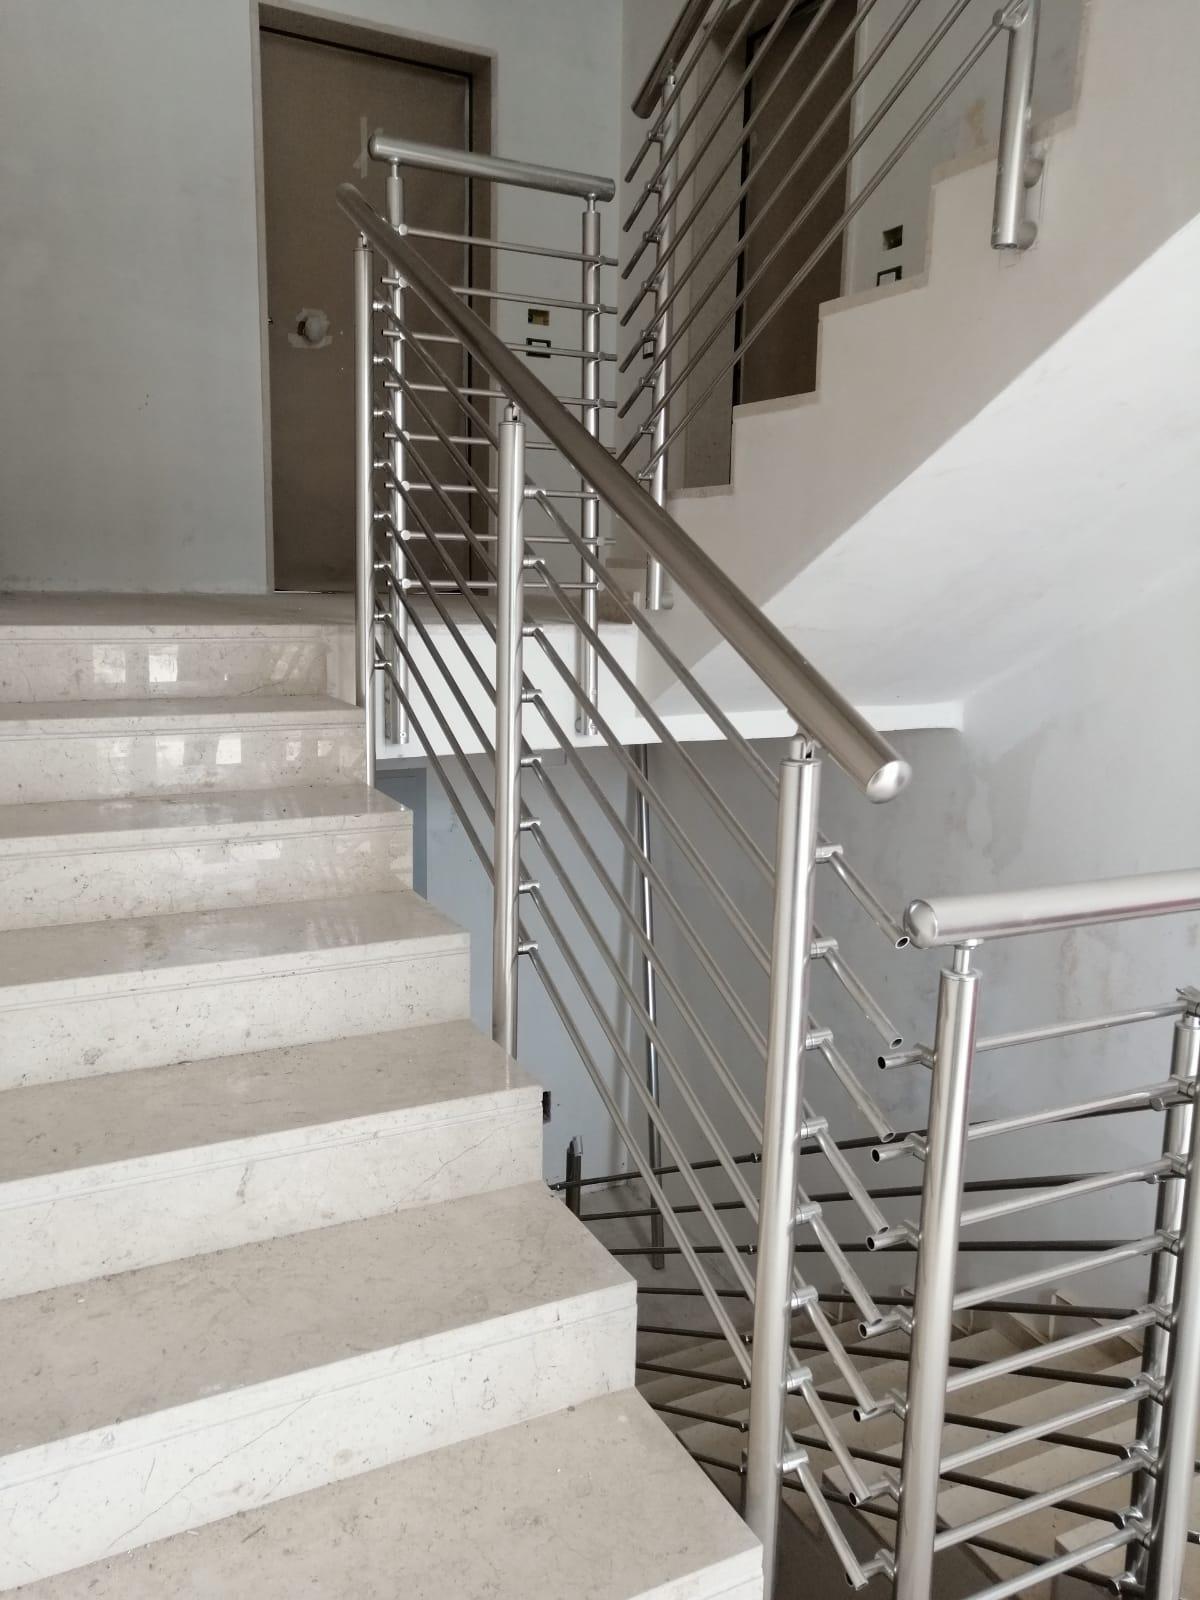 Ringhiera per scale interne condominio - Bari, Brindisi e in Puglia.